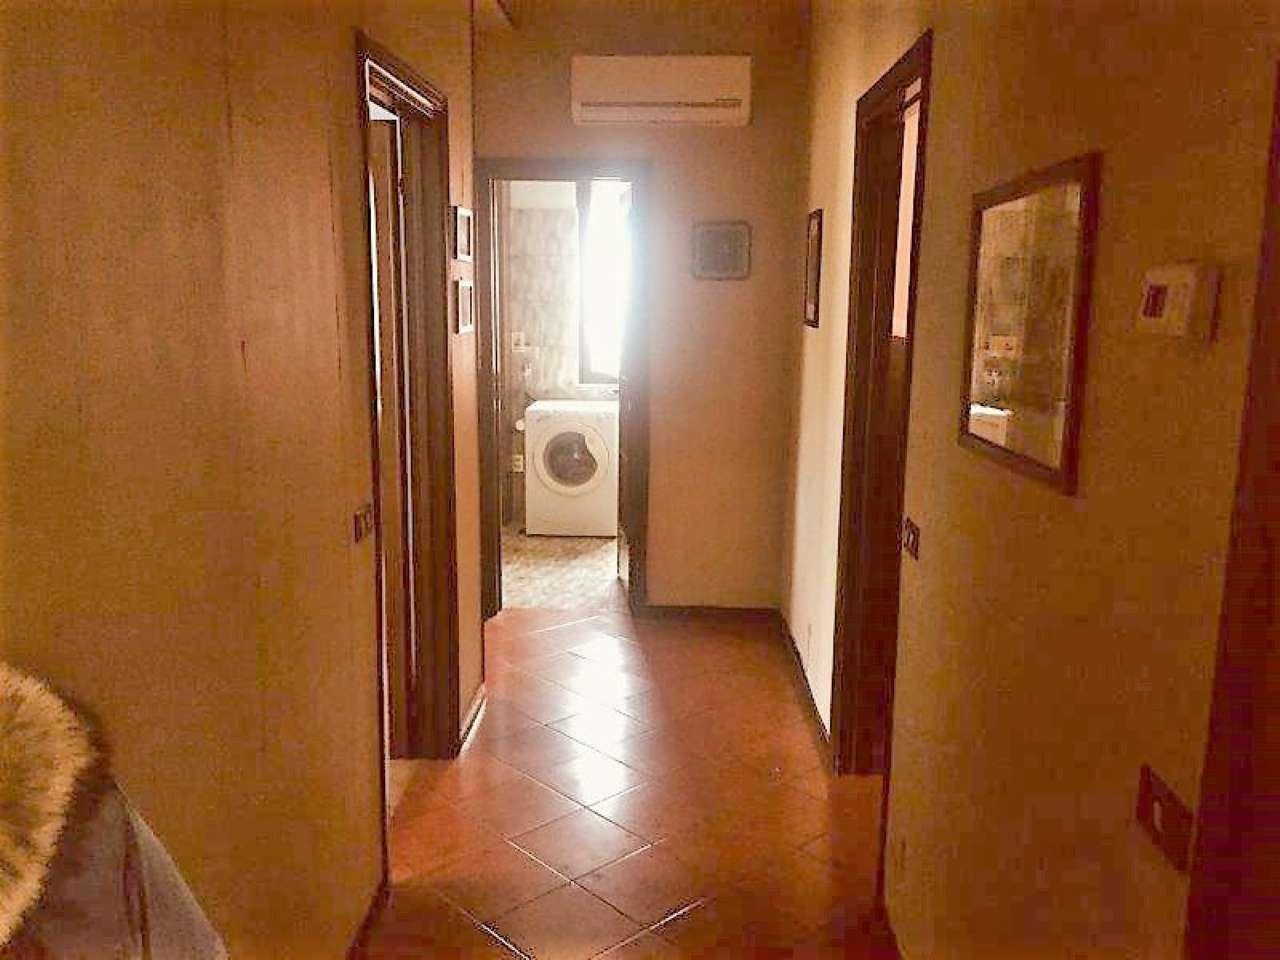 Appartamento in vendita a Crema, 3 locali, prezzo € 70.000 | CambioCasa.it